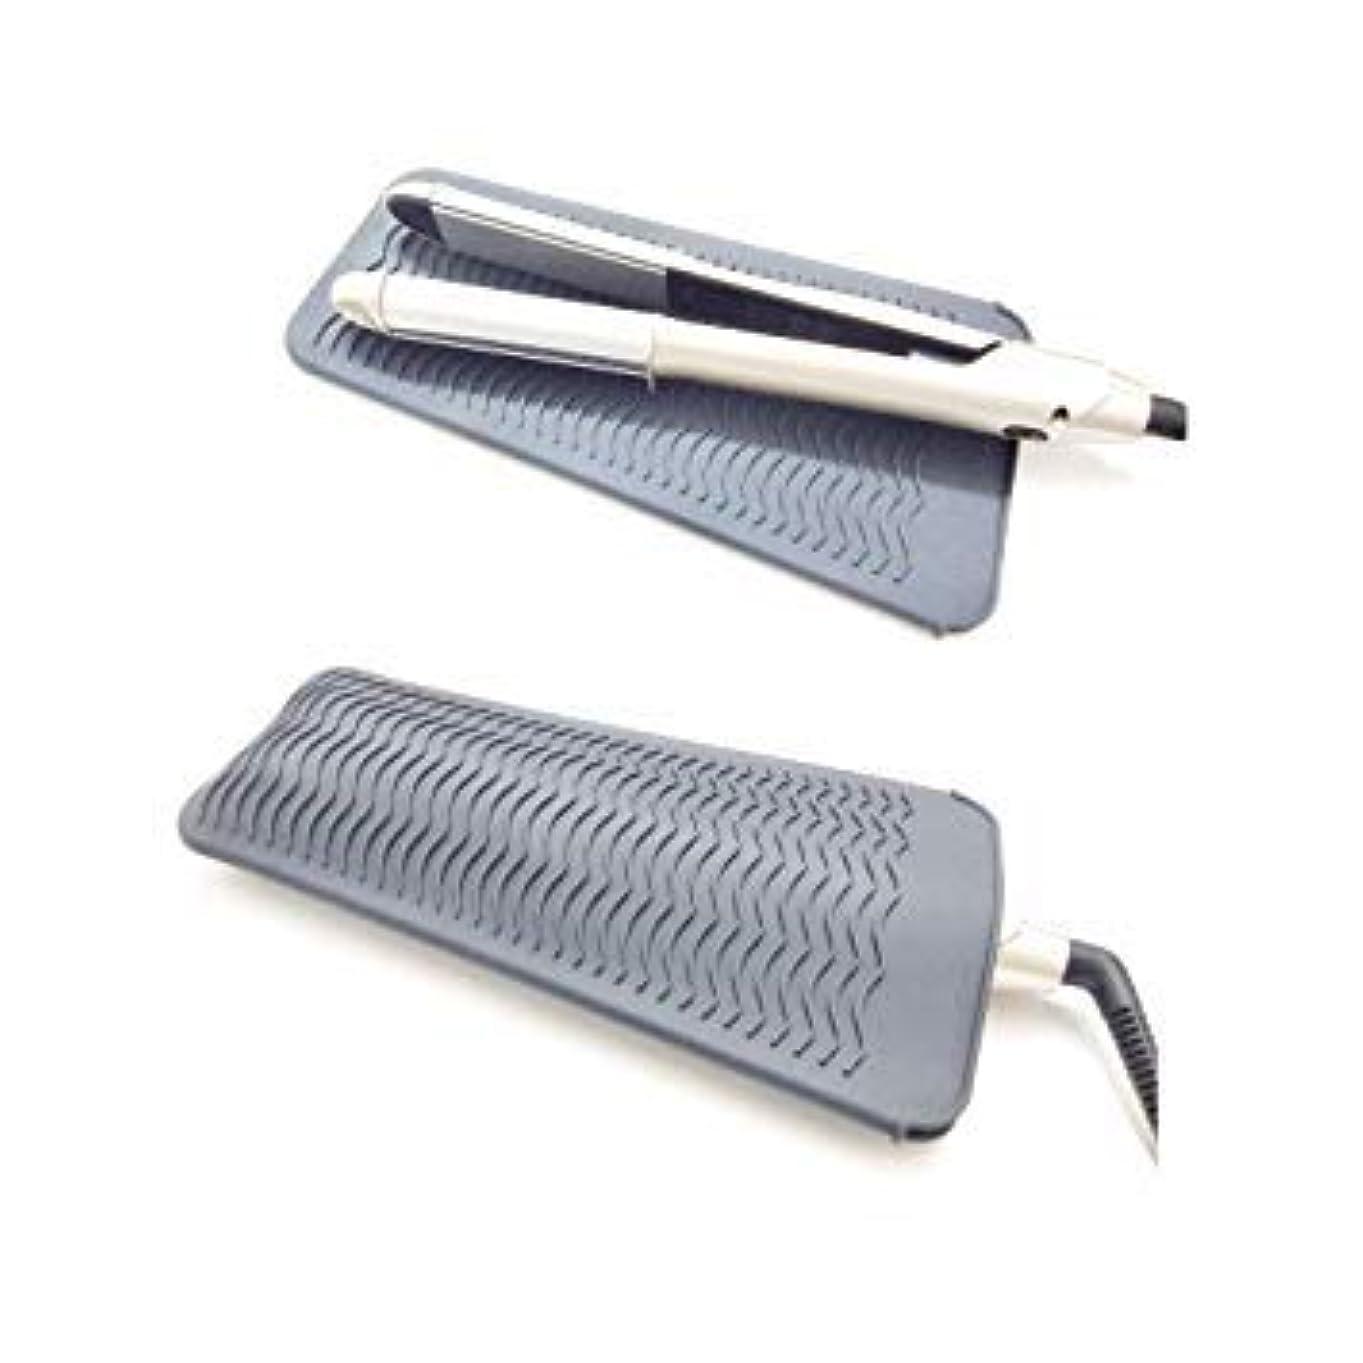 電池なかなか突き出すヘアアイロン耐熱ポーチ 滑り止めマット 2way 260℃の高温も耐熱しやけど防止 旅行出張など携帯に便利 グレー